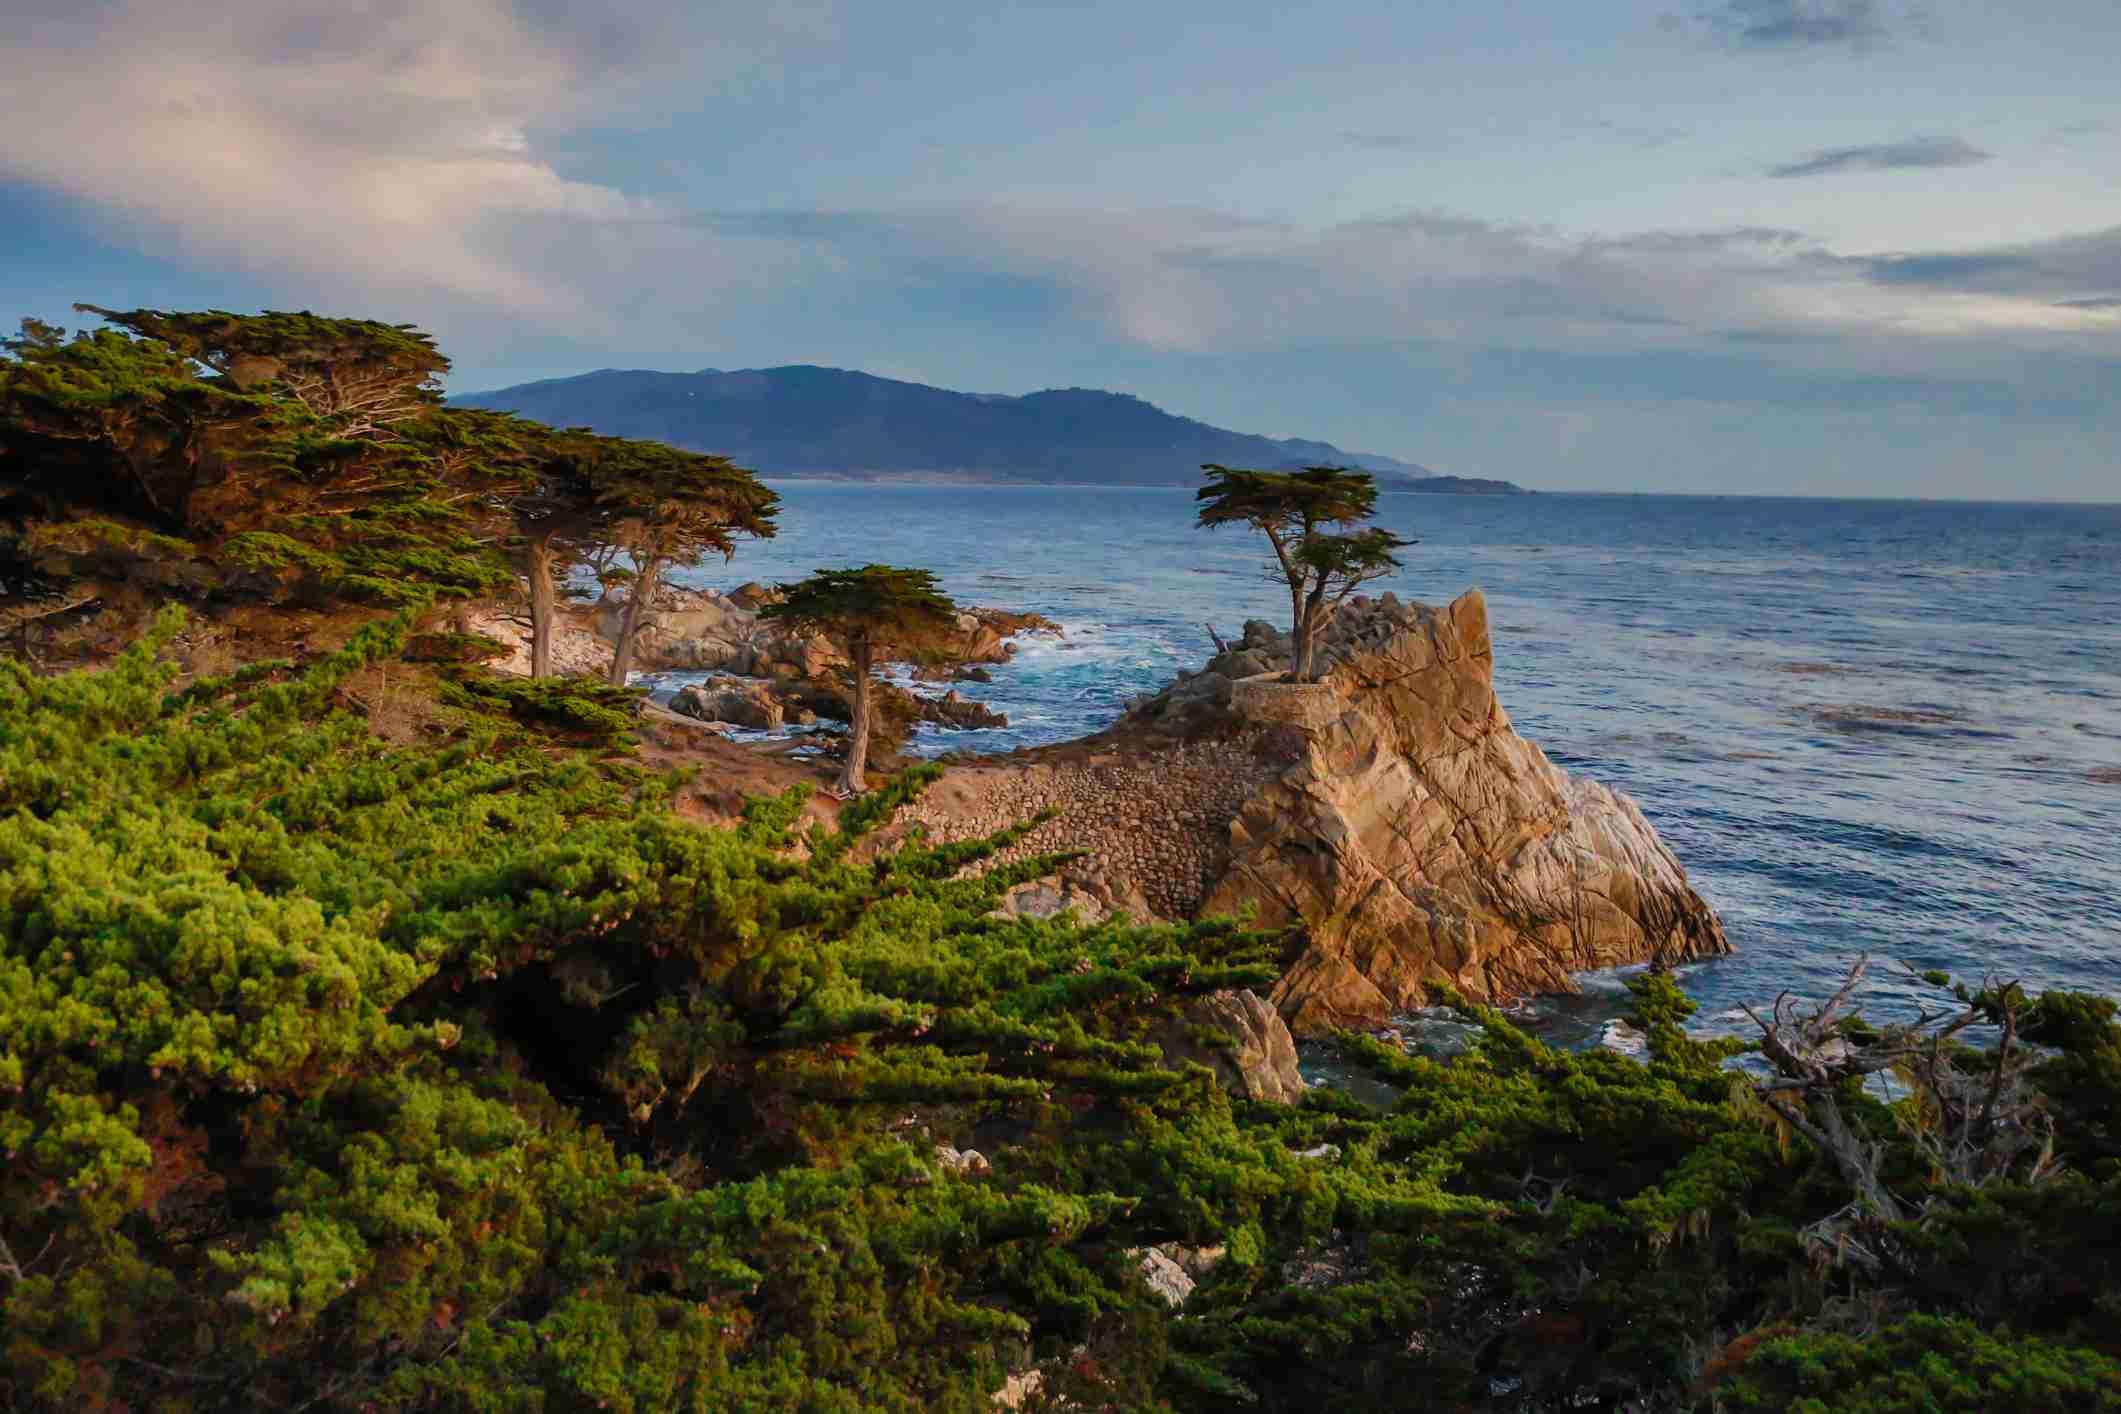 Ciprés solitario en la costa, Monterey, California